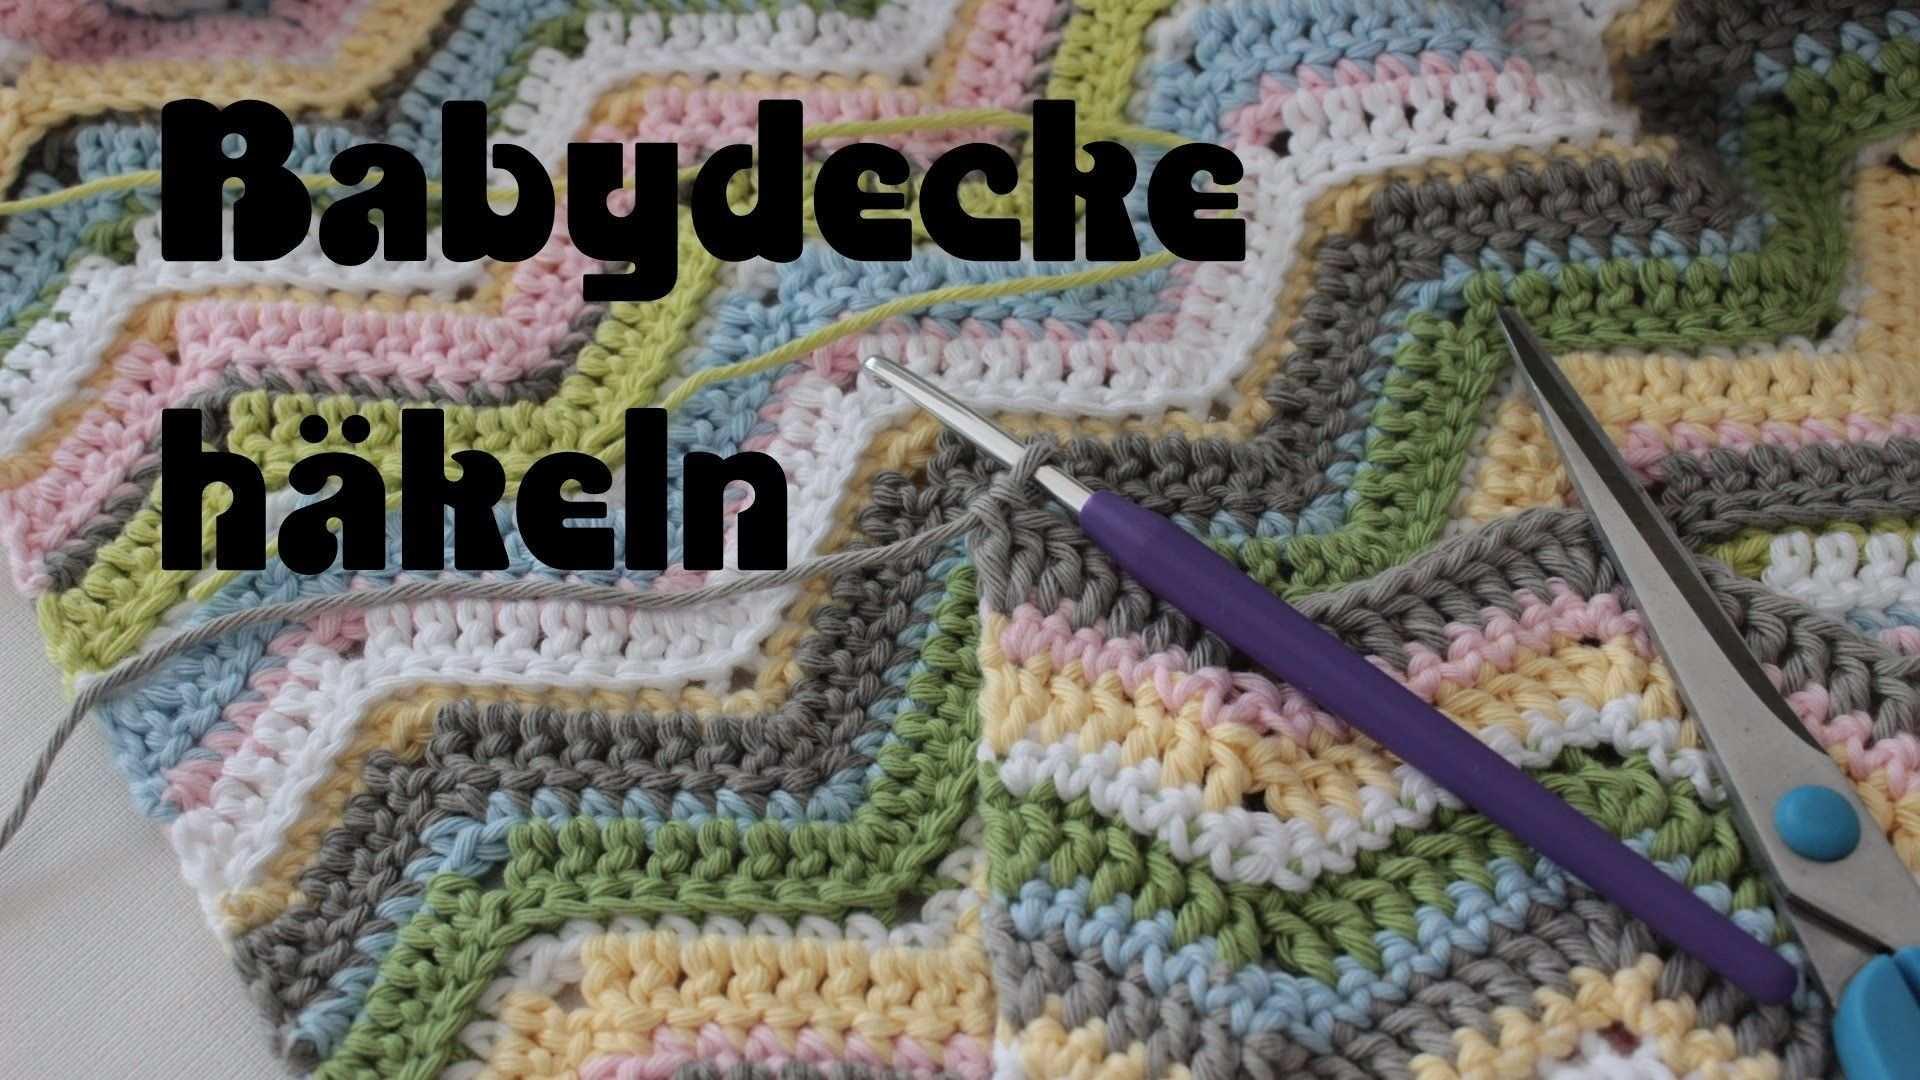 Babydecke Hakeln Zick Zack Zig Zag Crochet Baby Blanket Babydecke Hakeln Babydecke Hakeln Furs Baby